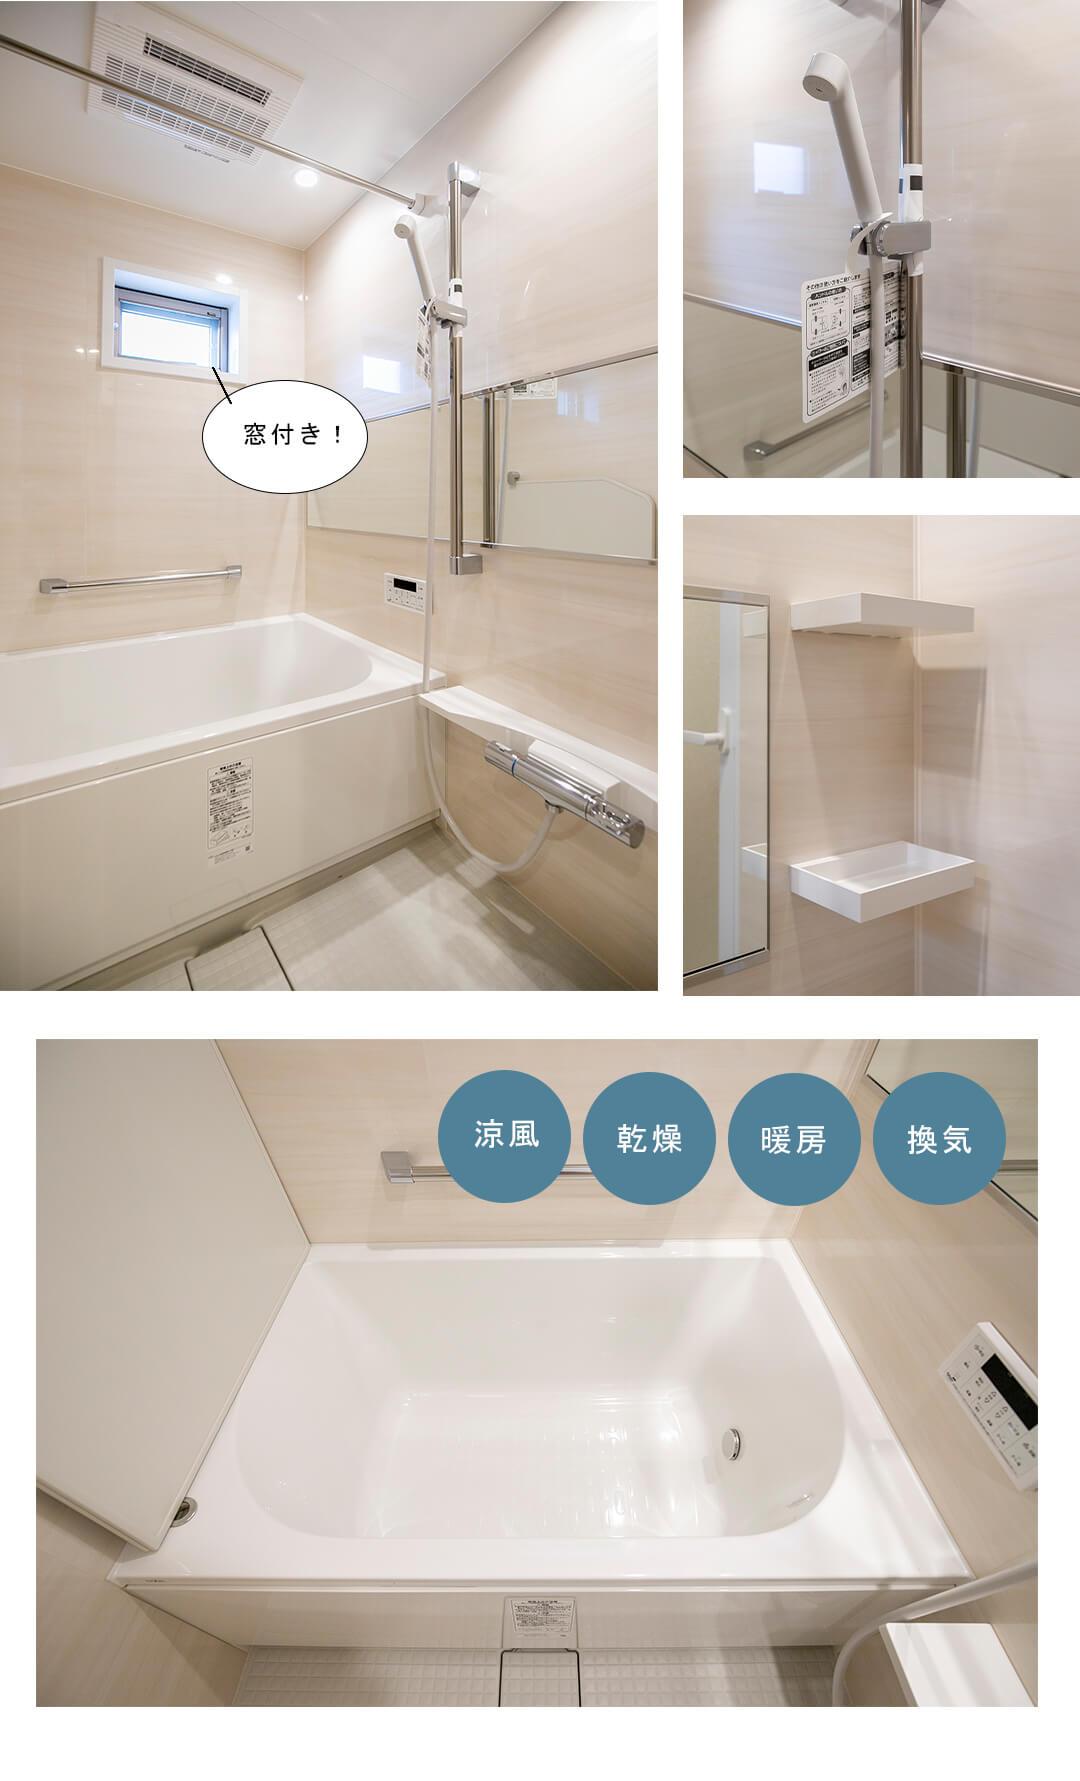 ヴェルレージュ乃木坂の浴室